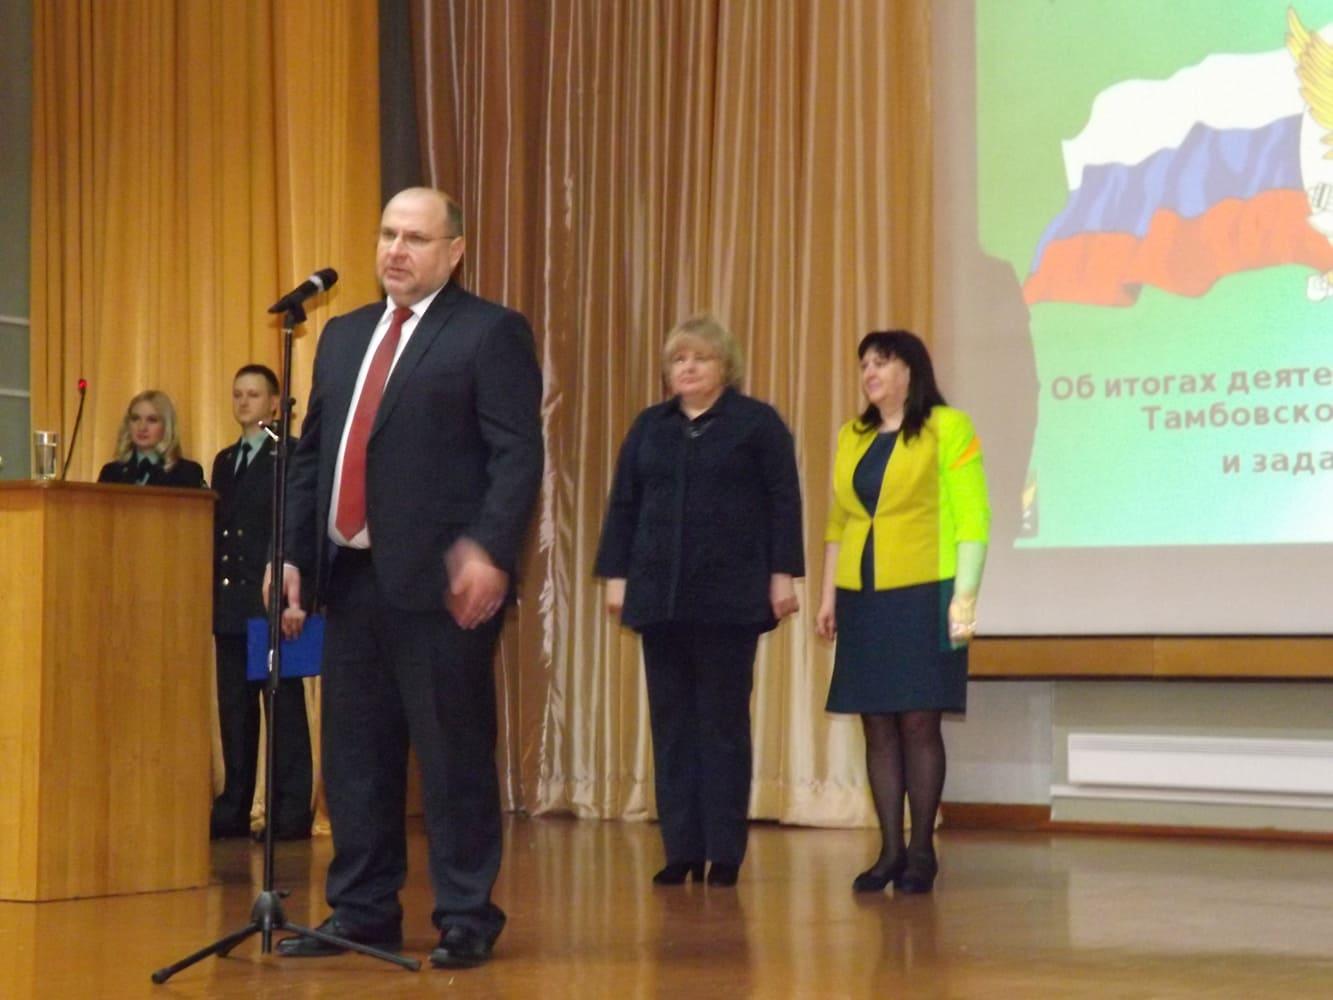 коллегия Управления Федеральной службы судебных приставов по Тамбовской области по итогам работы за 2018